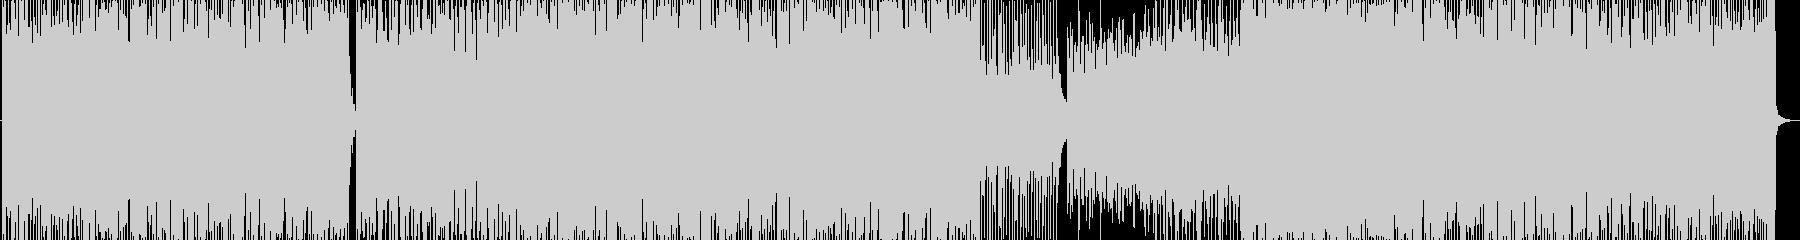 明るい疾走感のあるブラスセクション曲の未再生の波形